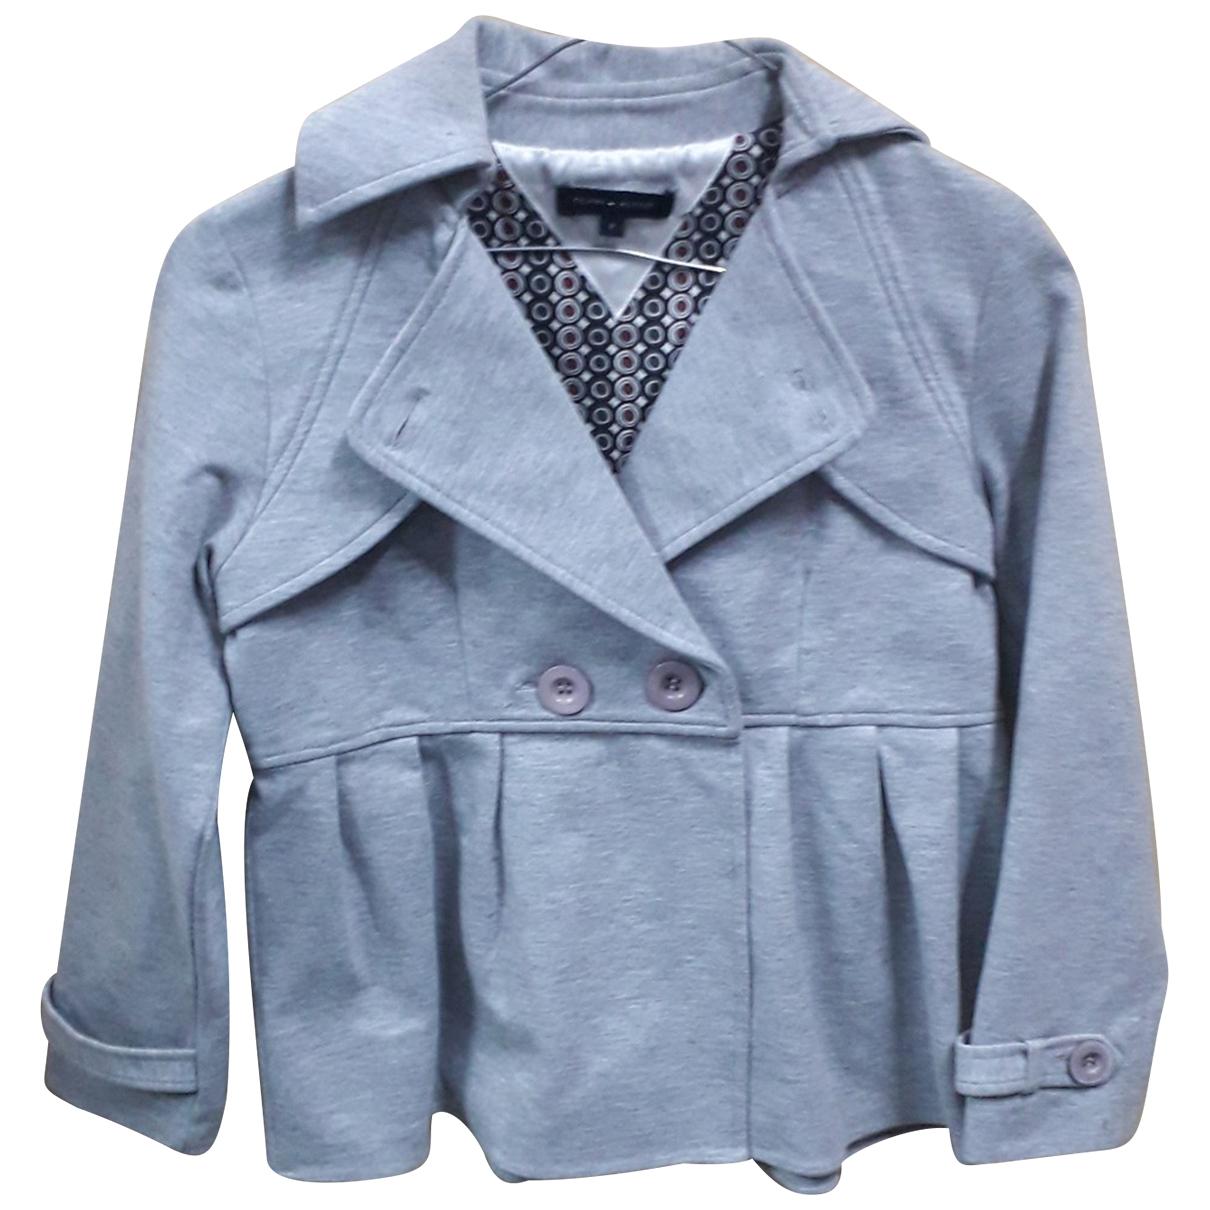 Tommy Hilfiger - Blousons.Manteaux   pour enfant - gris